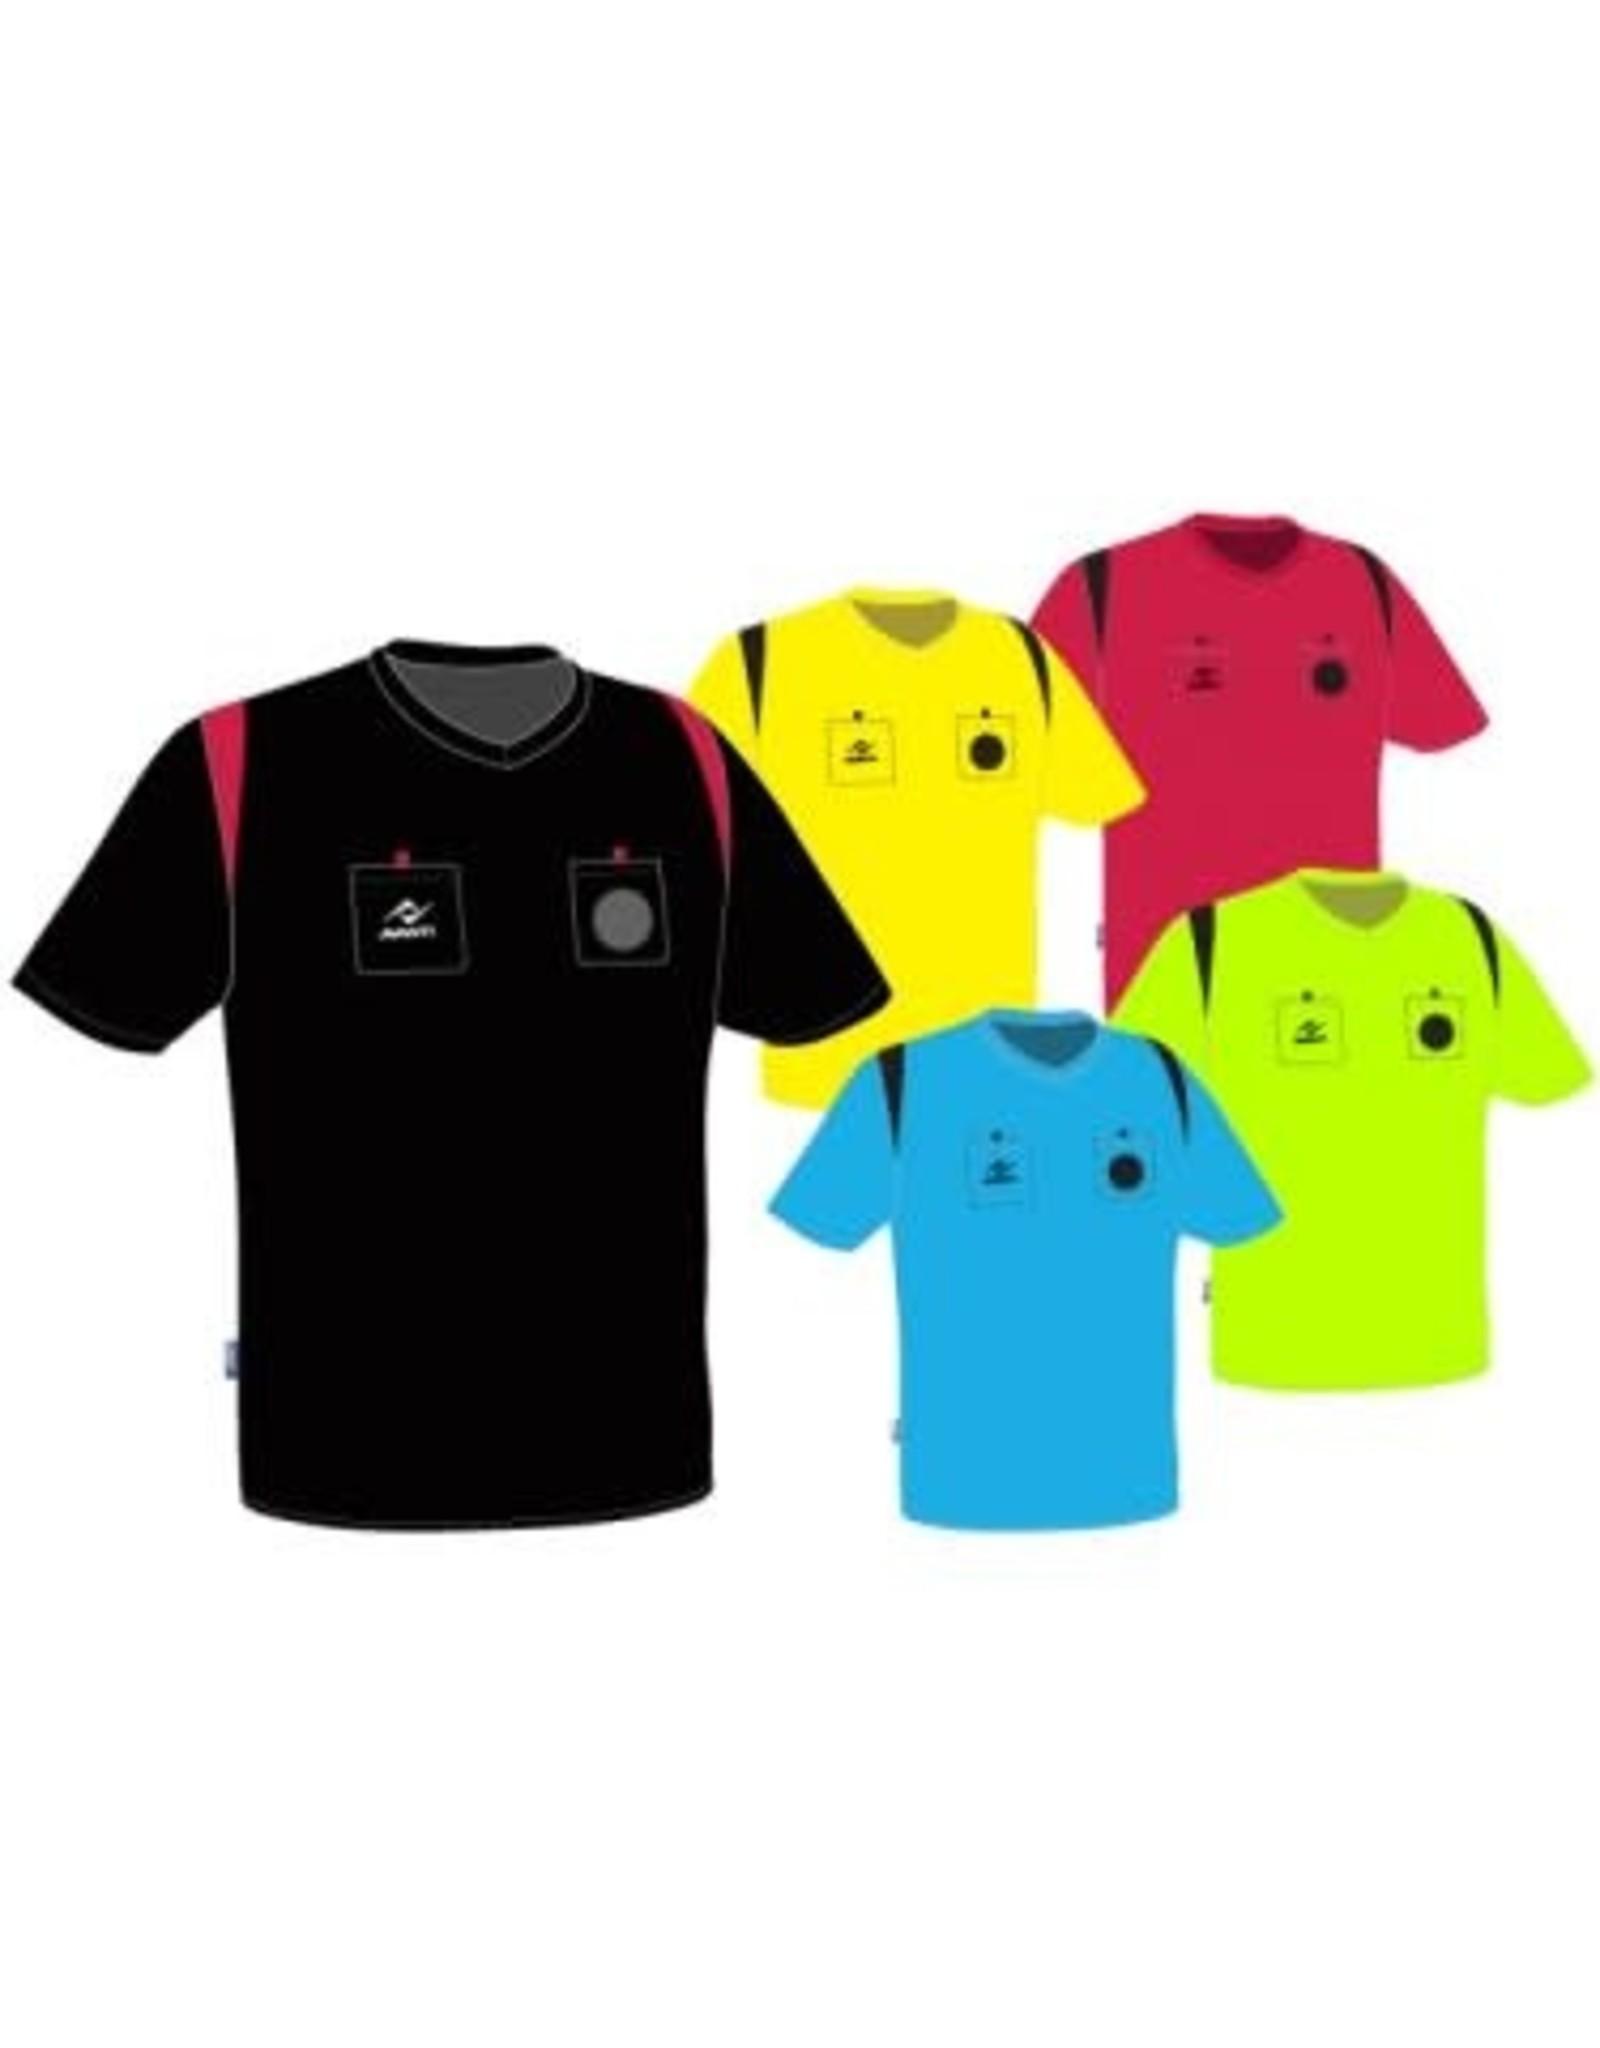 Avanti Avanti Junior Prodigy Referee Jersey (Yellow)